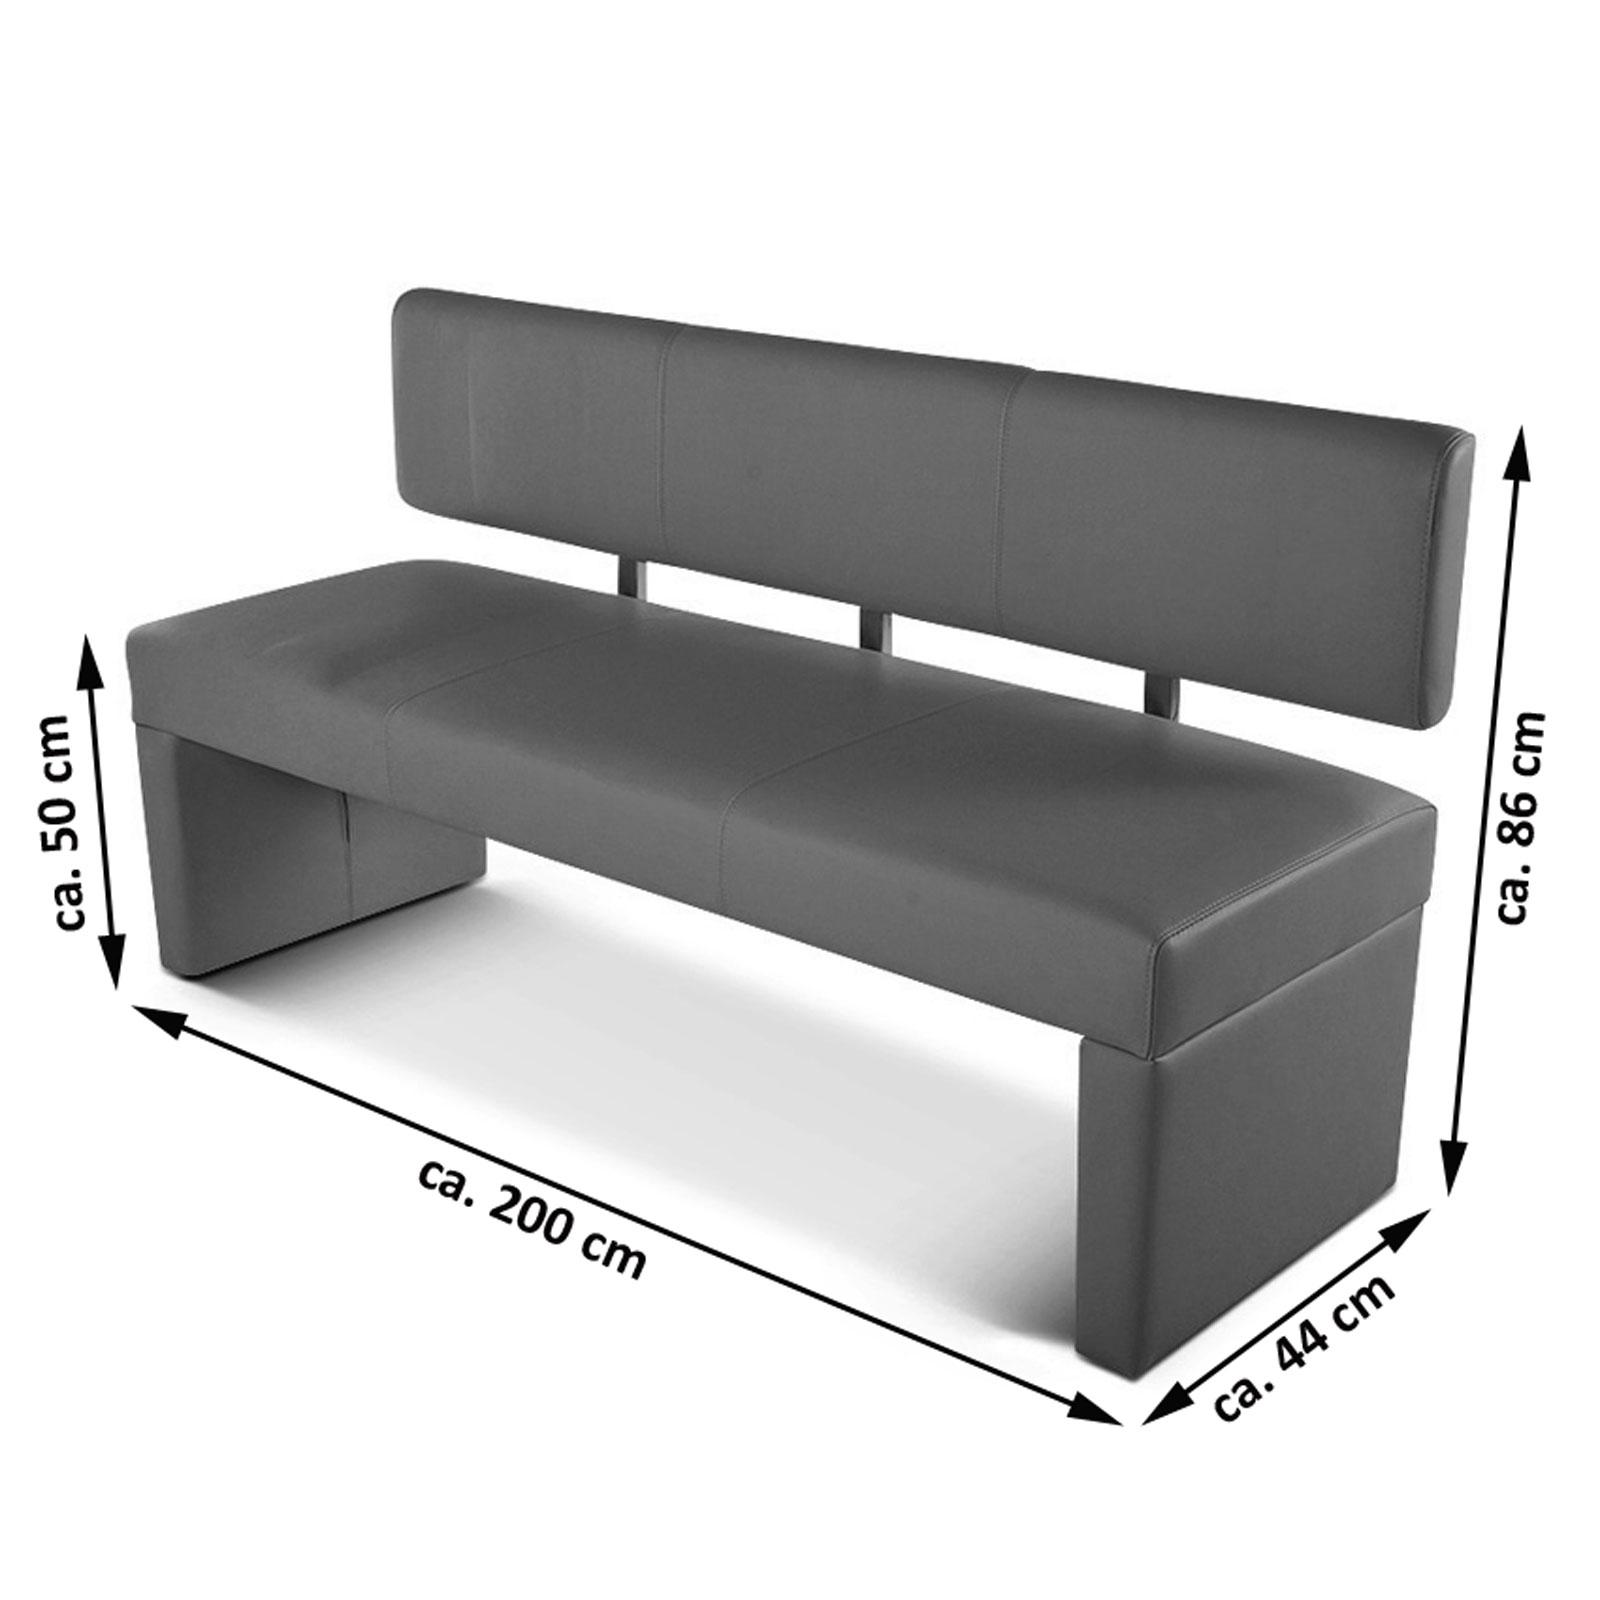 sam esszimmerbank 200 cm wei recyceltes leder selena demn chst. Black Bedroom Furniture Sets. Home Design Ideas